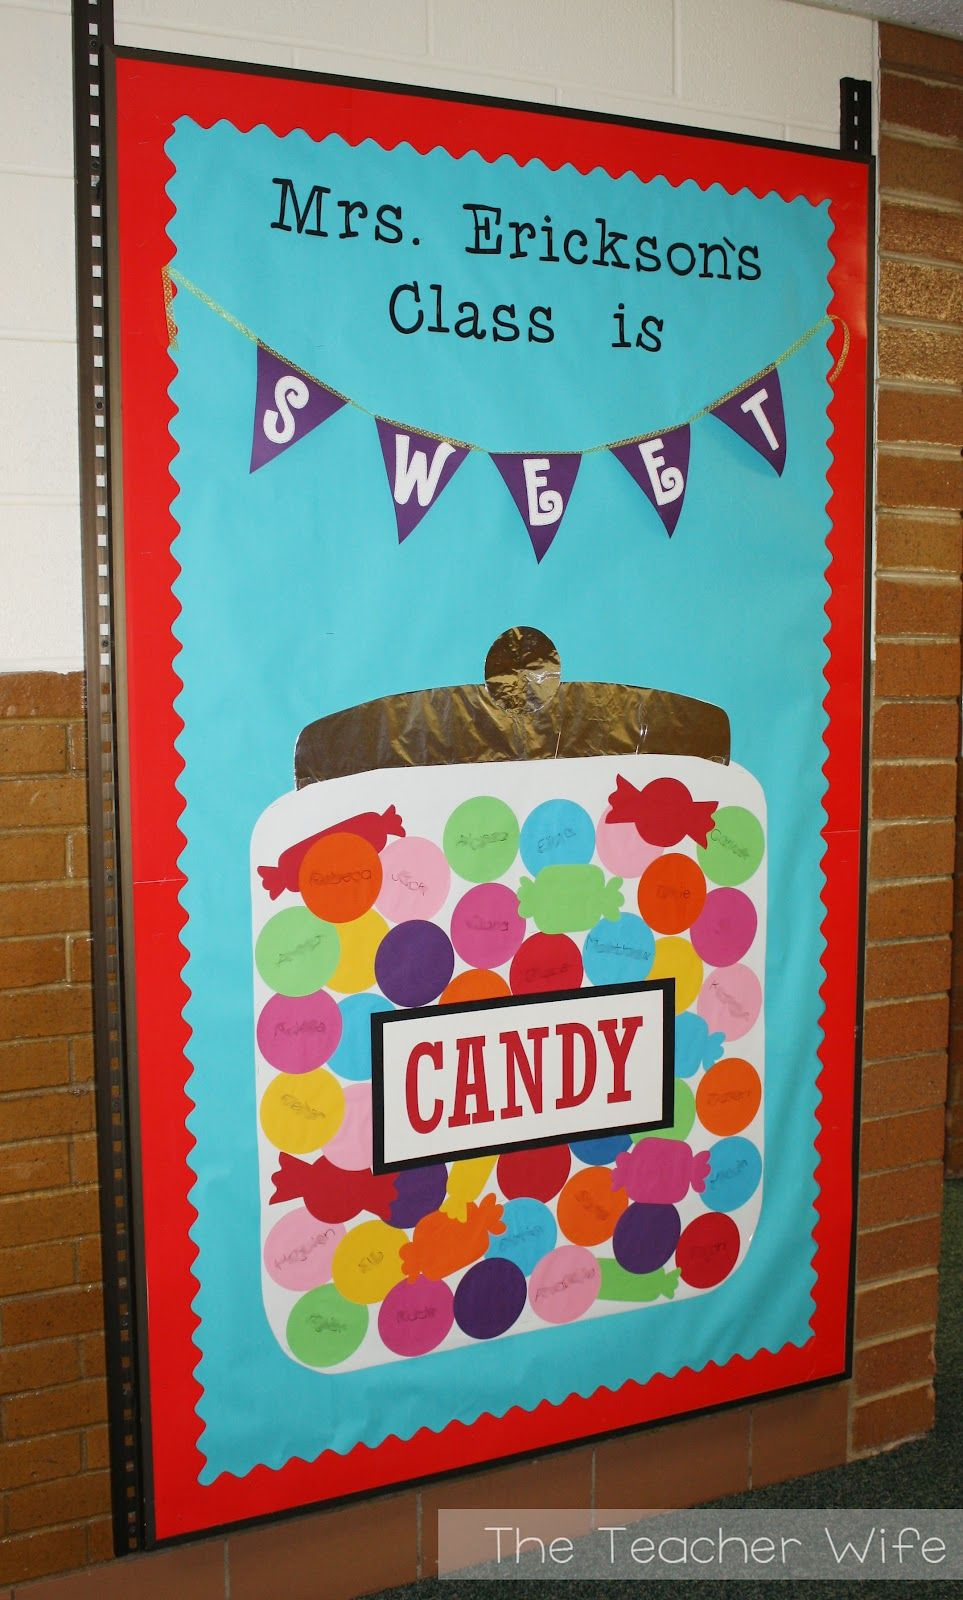 Classroom Jar Ideas : Candy themed bulletin board ideas how do you decorate